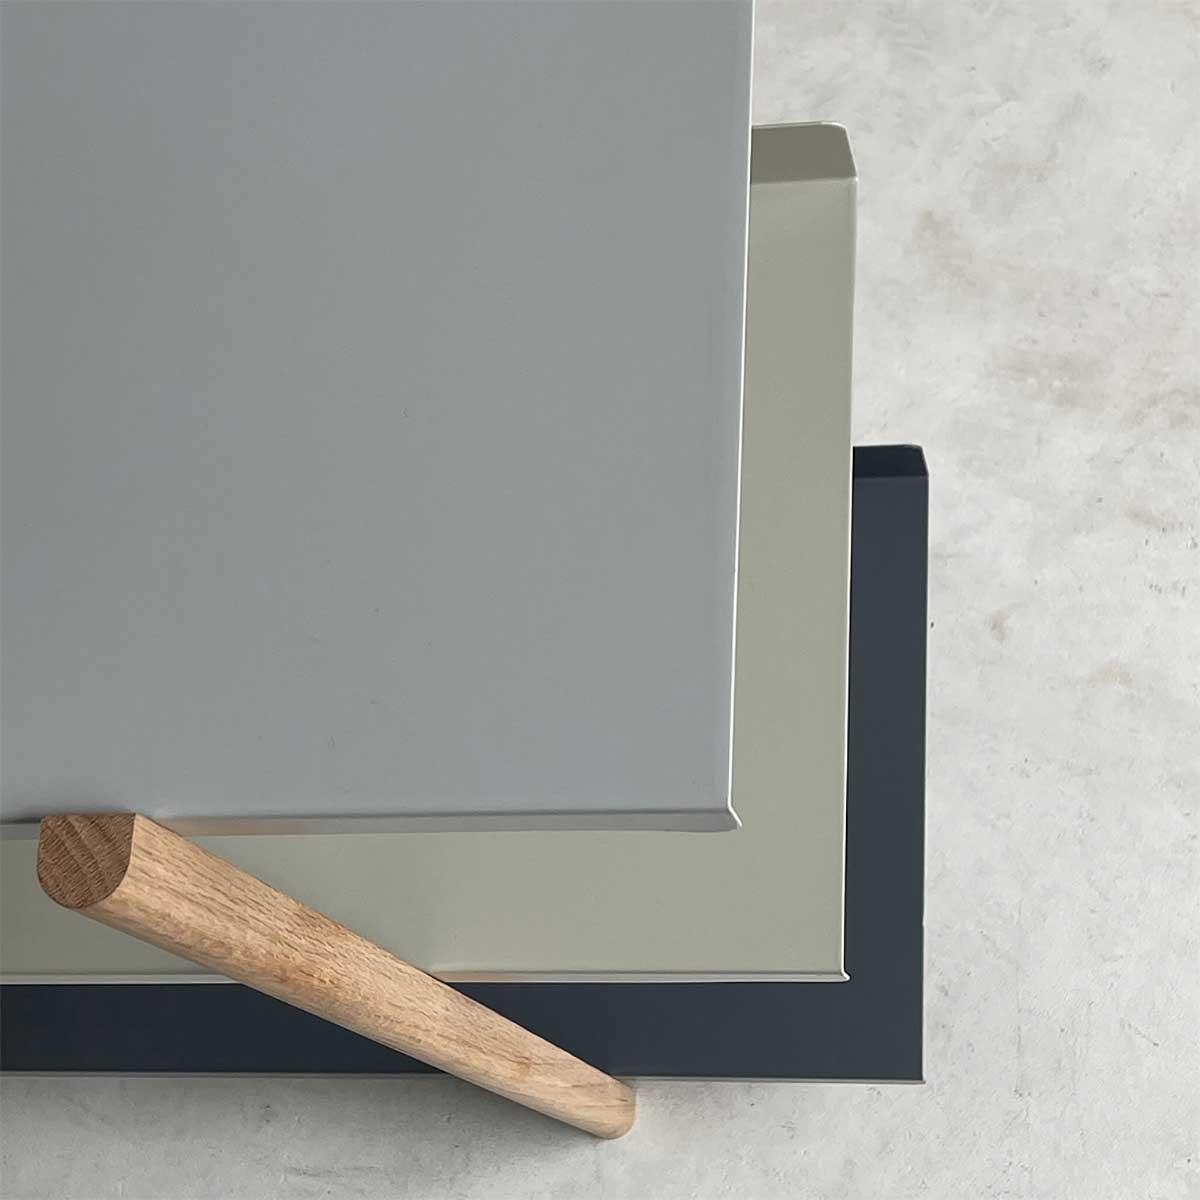 色違いの棚板を入れ替えるたびに、新鮮な空間づくりができる「シェルフ(棚)」DUENDE Marge Shelf(デュエンデ マージ シェルフ)